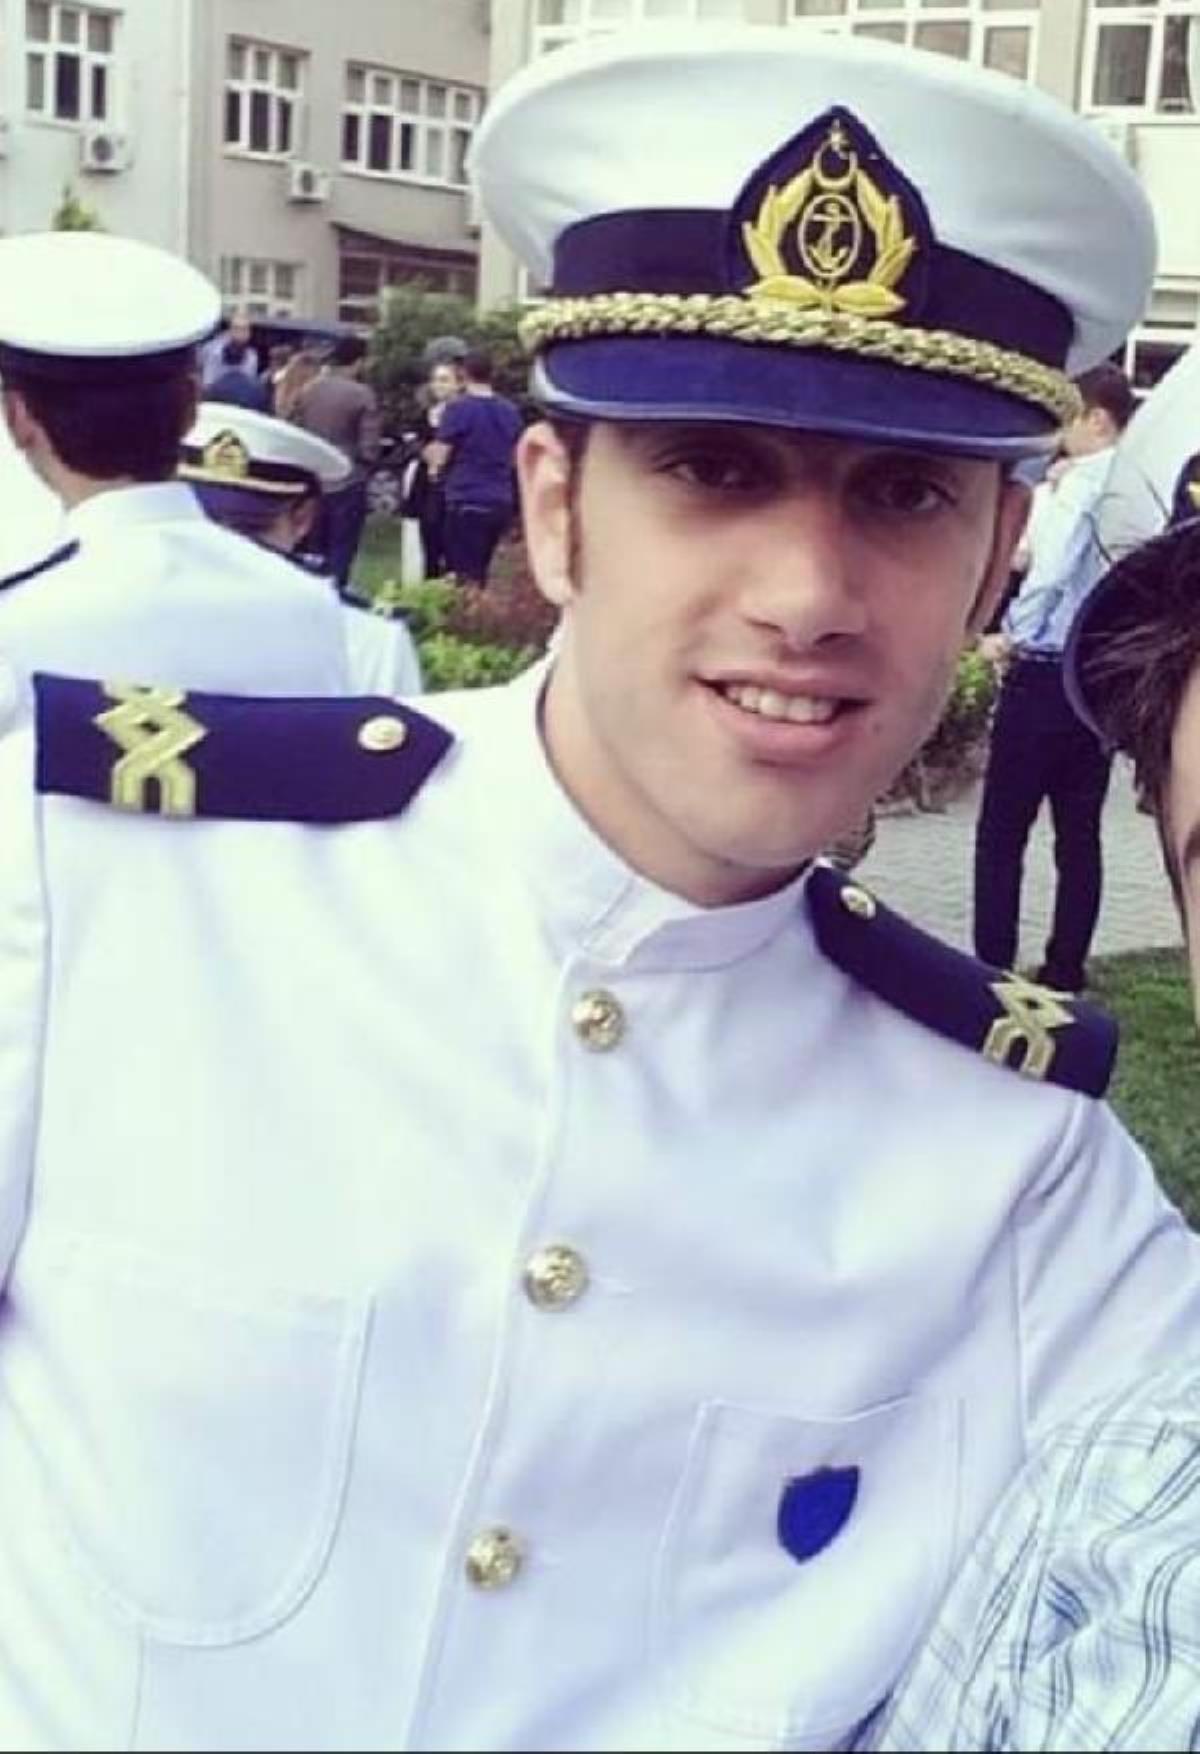 Son dakika haberi | Adanalı kaptan, açık denizde merdivenden düşerek hayatını kaybetti